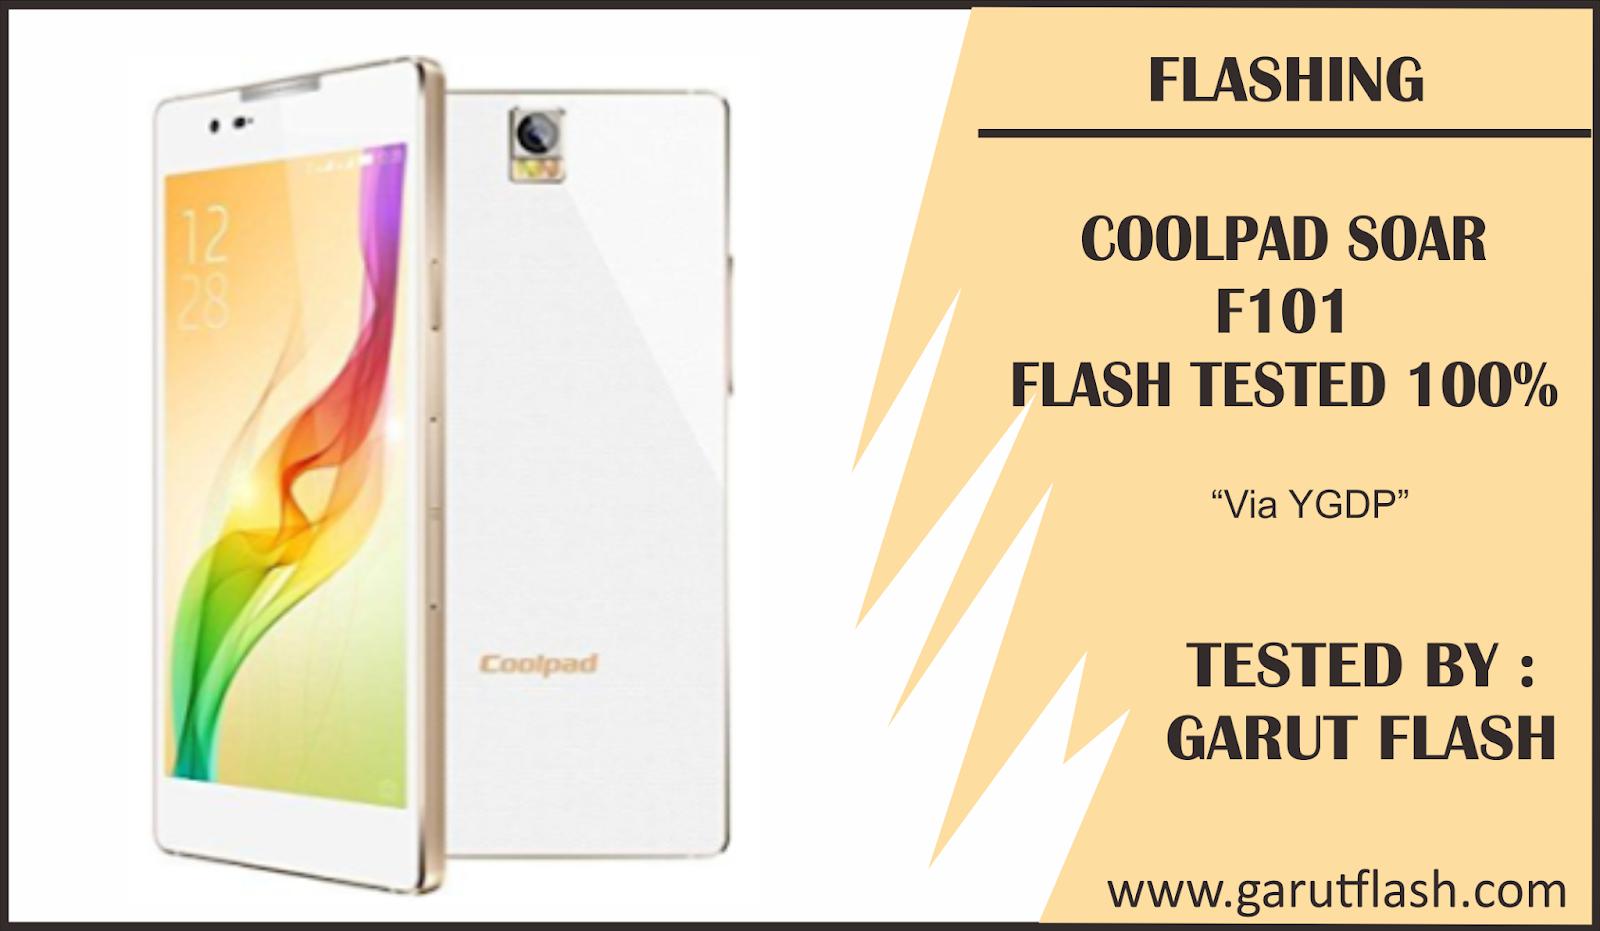 Cara Flashing Coolpad Soar F101 Bootloop Via QcomDloader